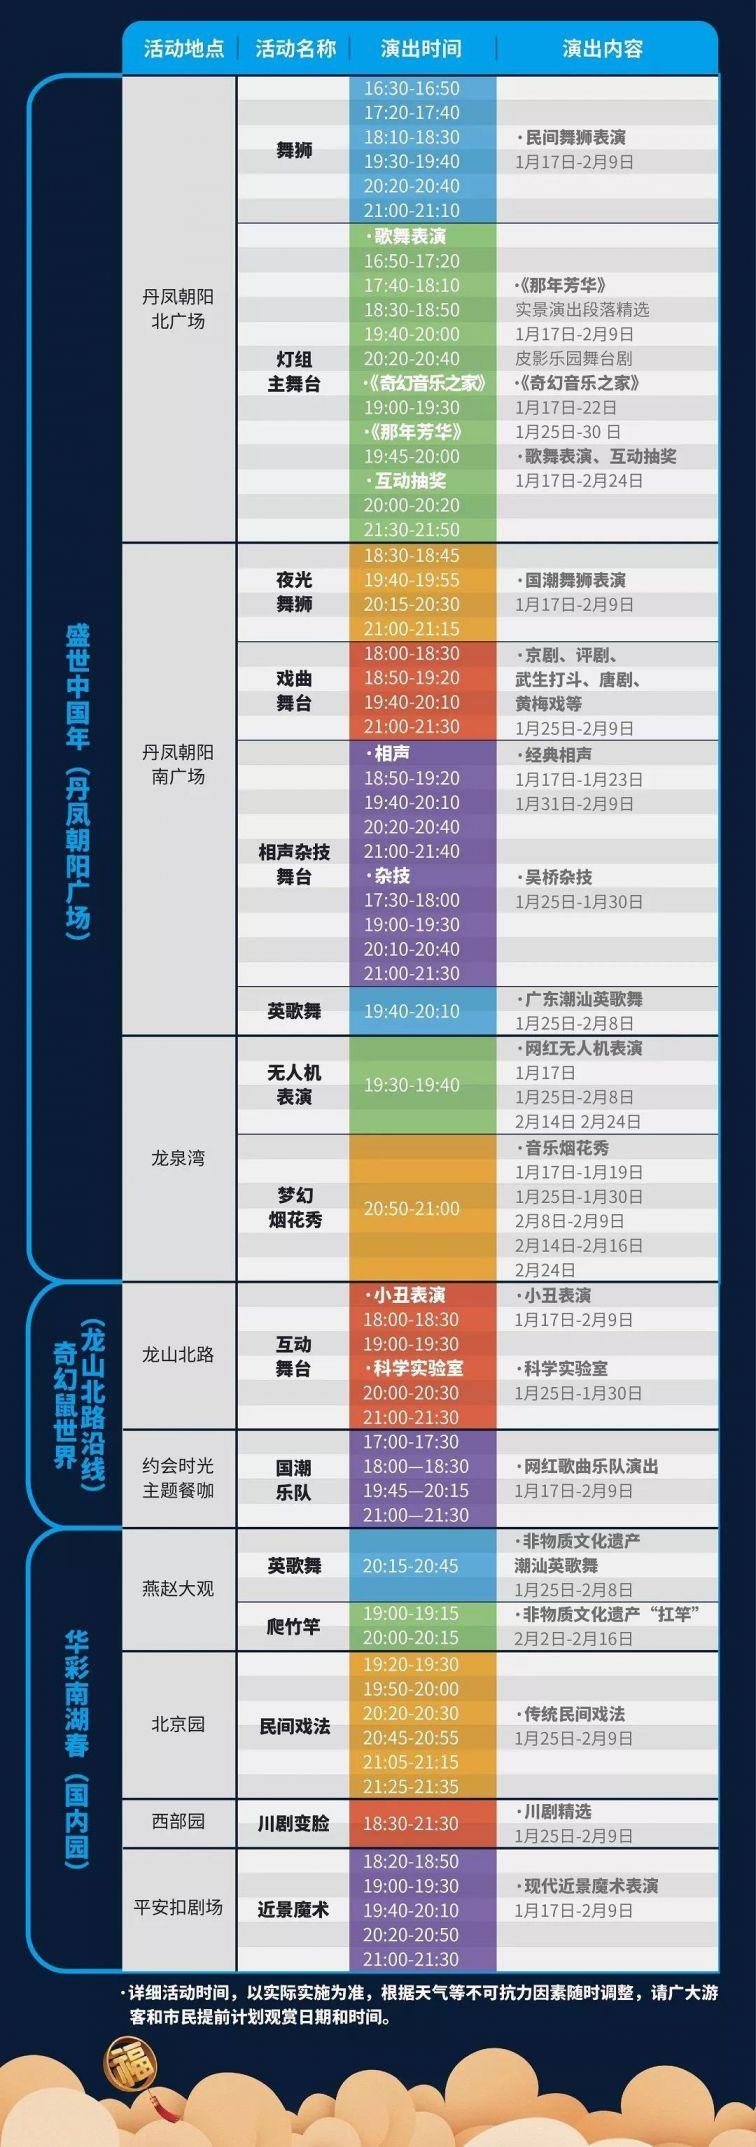 2020老虎机游戏:南湖春节灯会节目表